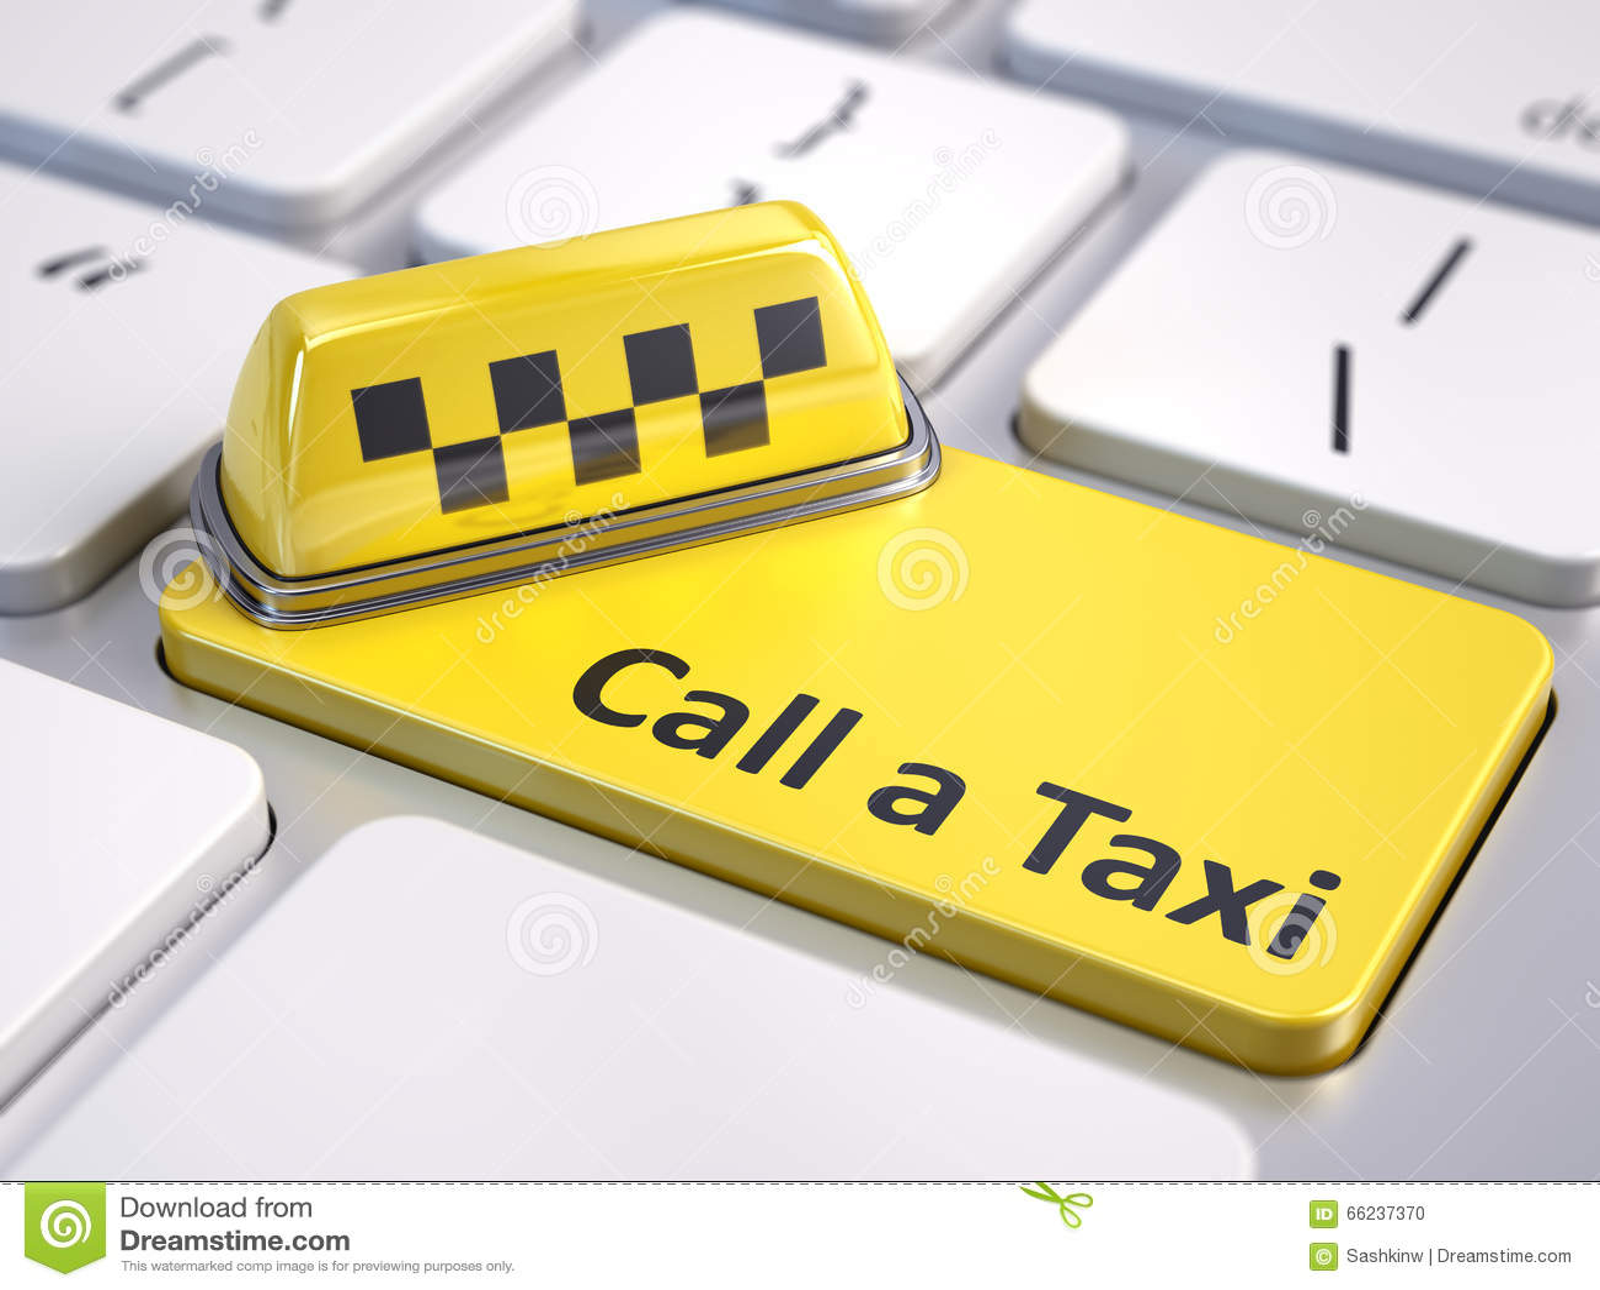 Αποτέλεσμα εικόνας για ταξι ιντερνετ